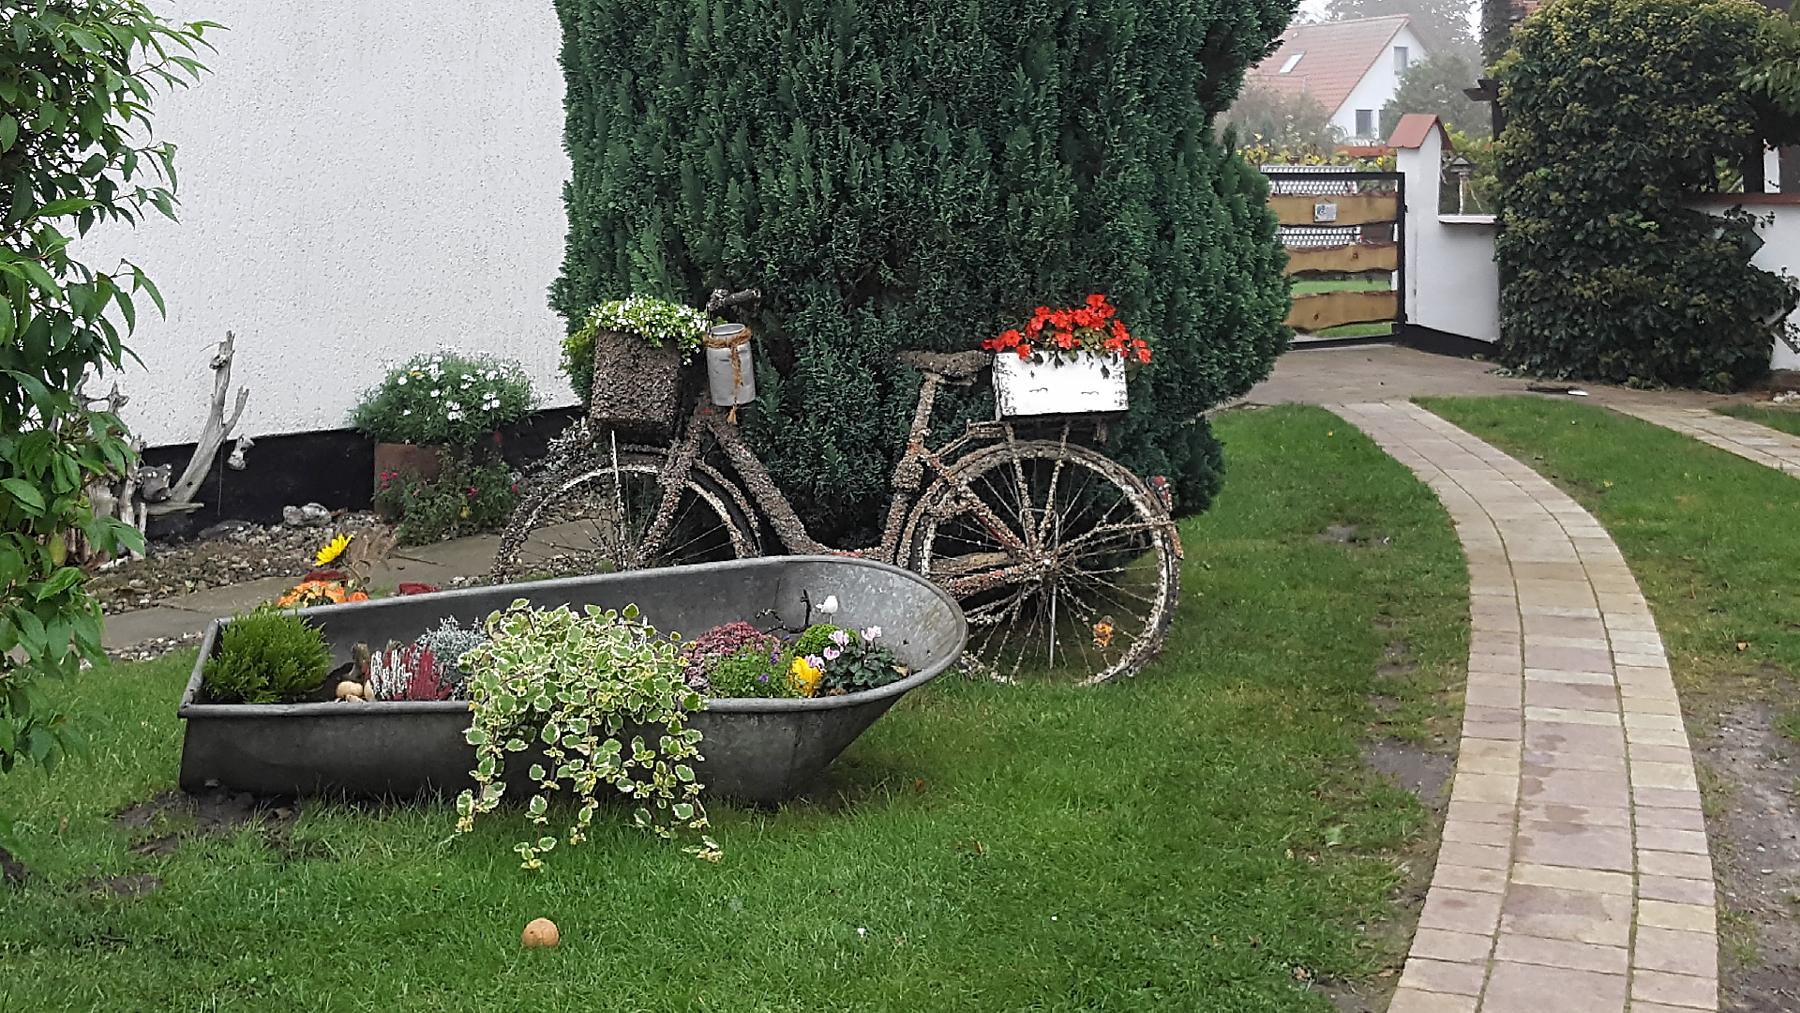 Fahrrad aus dem Ryck